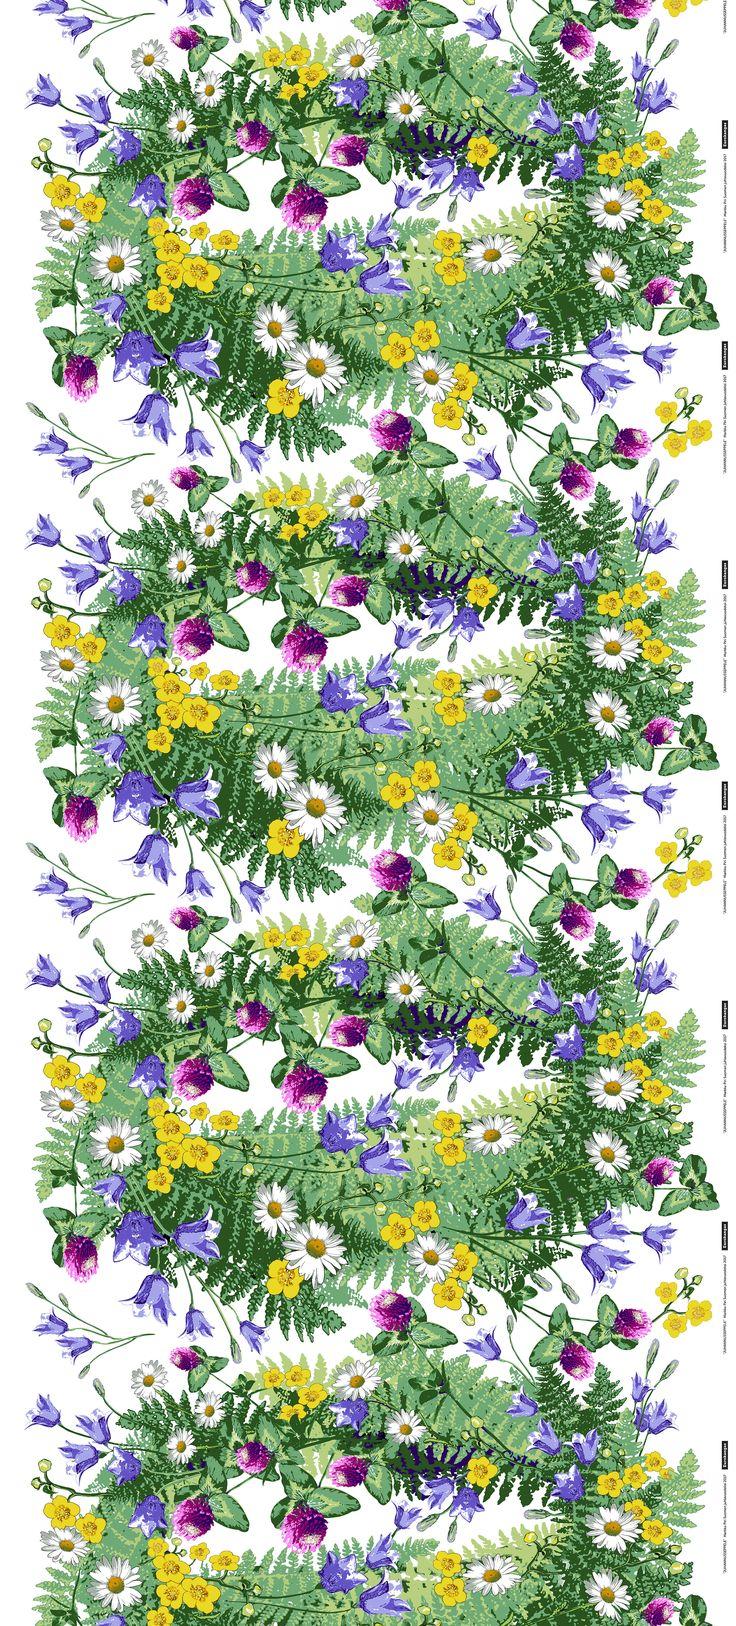 """""""Yöttömien öitten juhla ja niittyjen kauneimmat kukat! Kissankellot, puna-apilat, päivänkakkarat ja leinikit kietoutuvat vehreisiin saniaisiin kevyesti tanssivaksi Juhannusseppeleeksi."""" Markku Piri   Kuosi: Juhannusseppele   Eurokangas"""